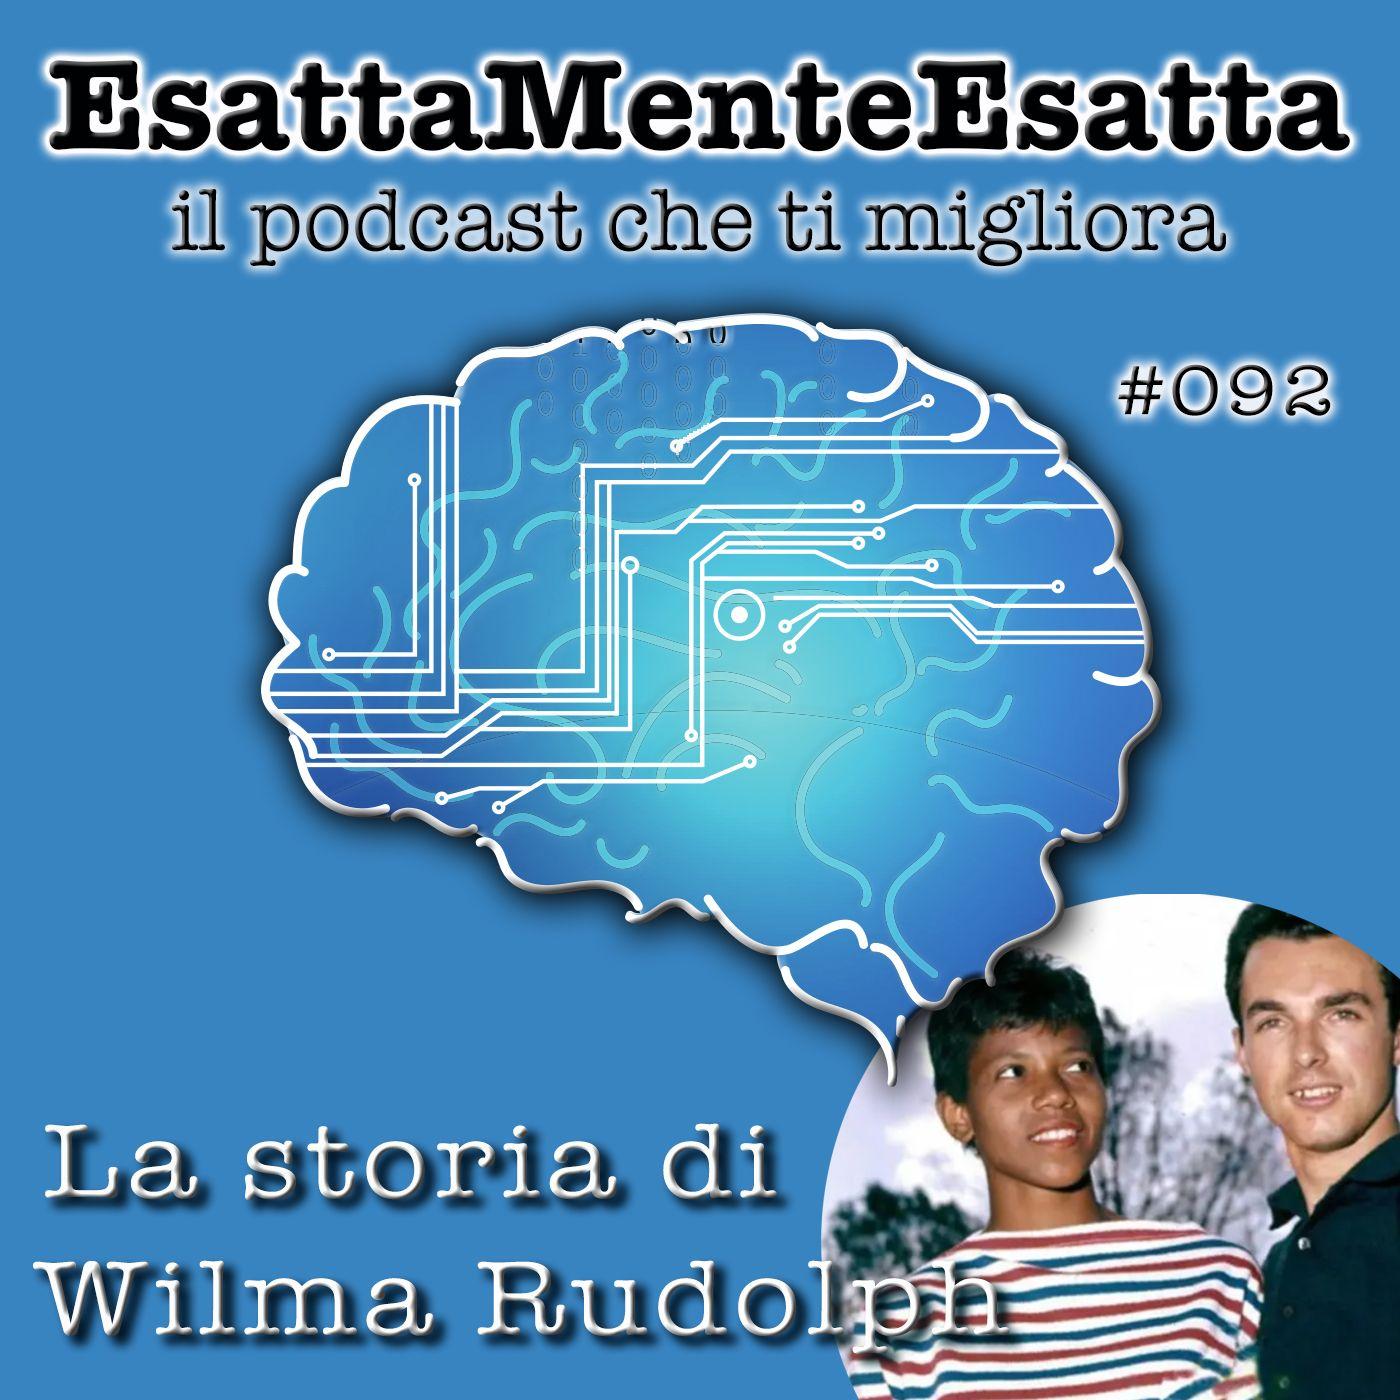 Motivazione: La storia di Wilma Rudolph #092